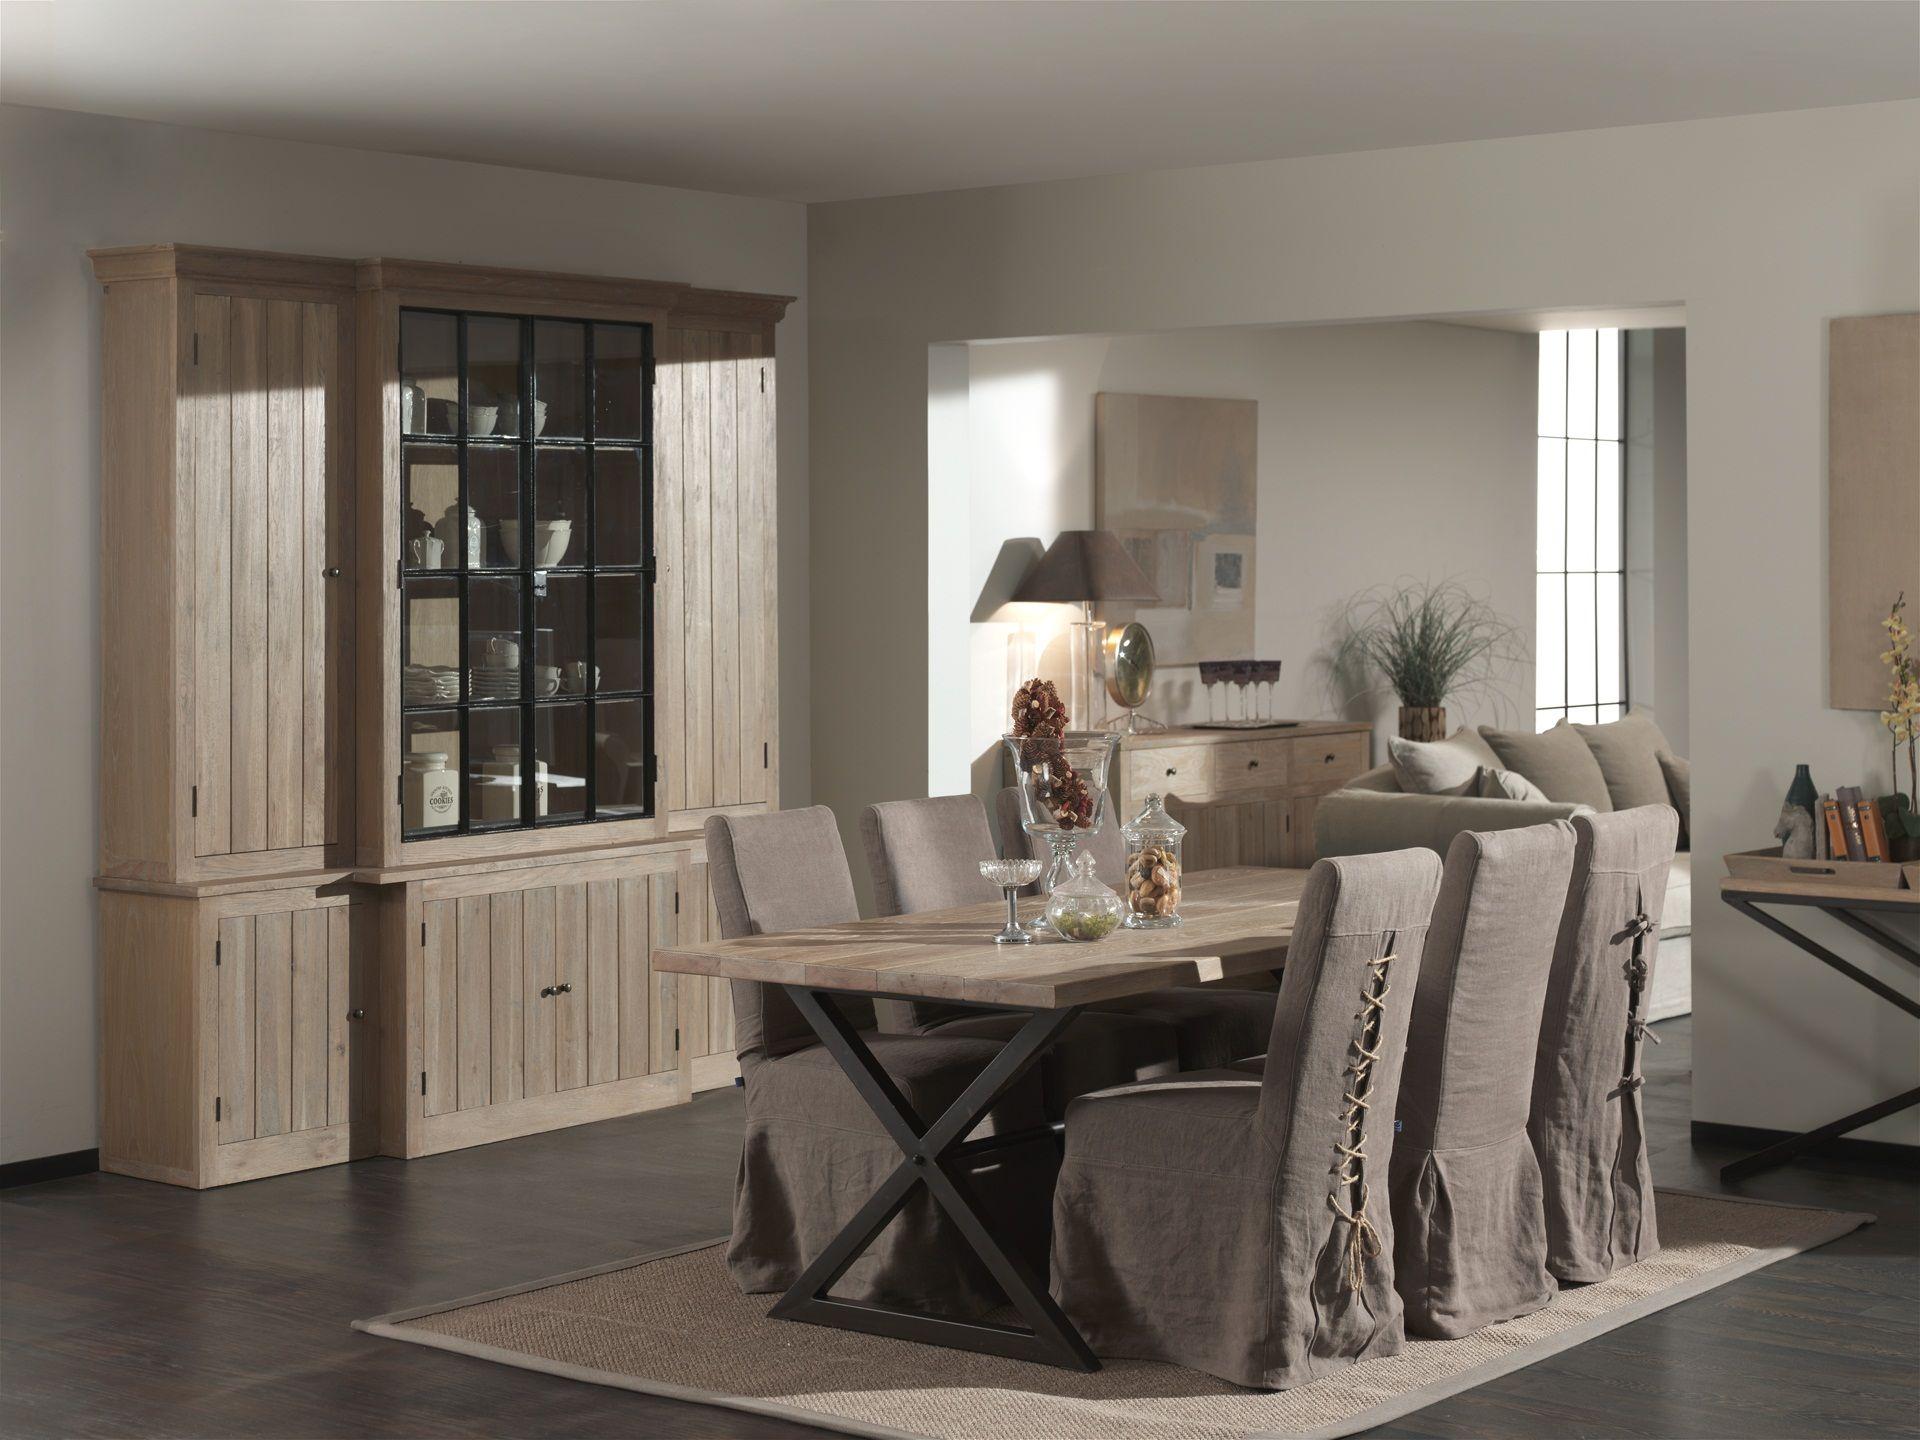 Uw landelijke eetkamer: warm en vertrouwd   Ideeën voor het huis ...